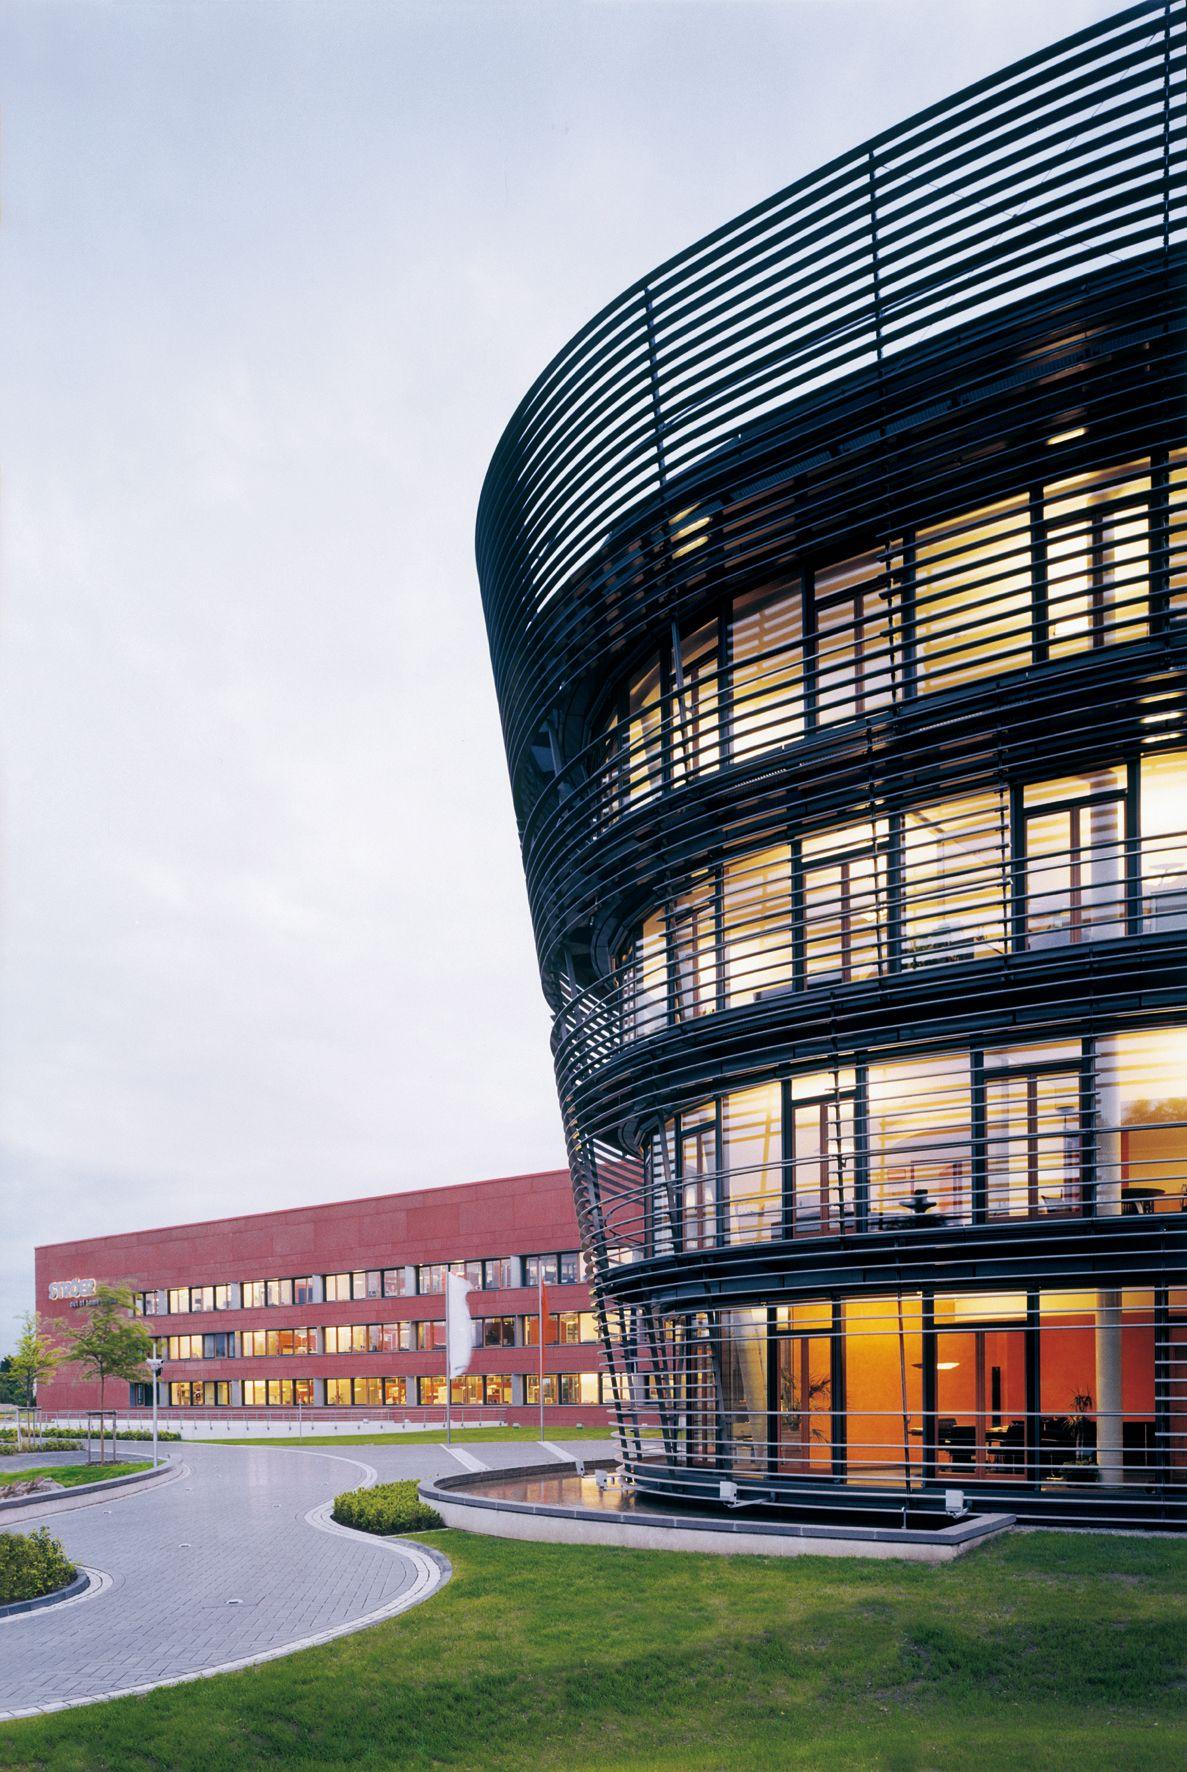 Ströer / Konzernzentrale Köln